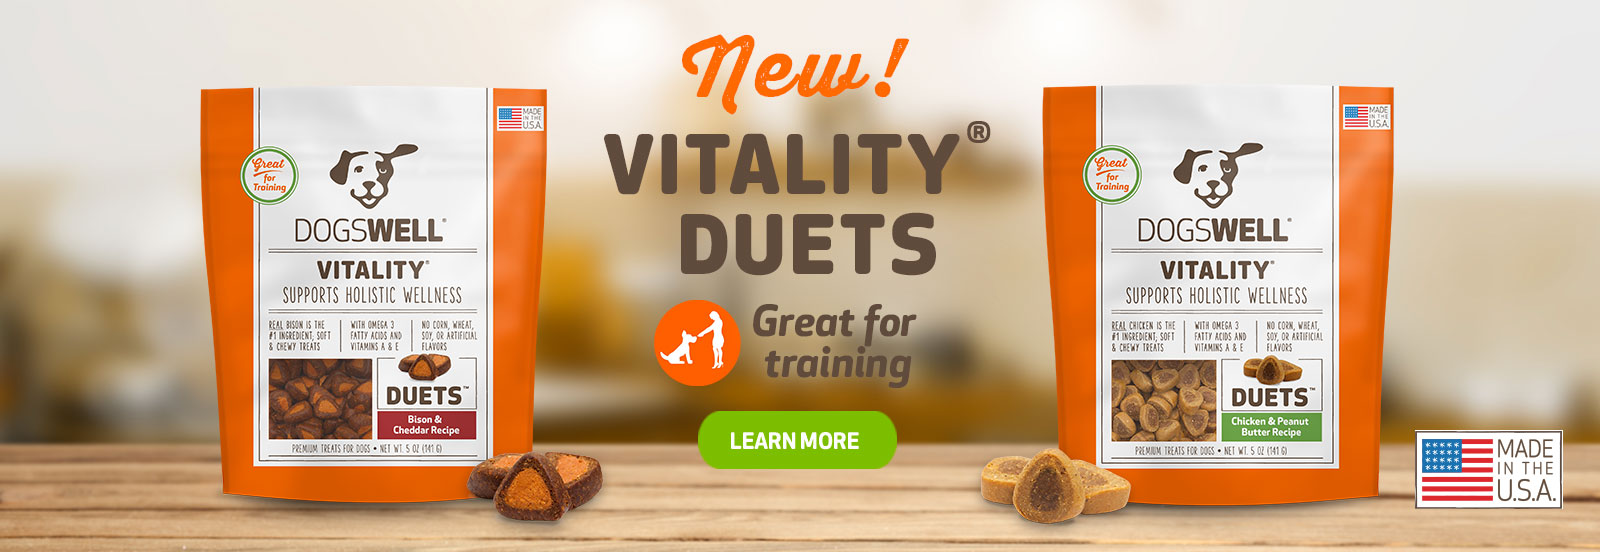 vitality-duets